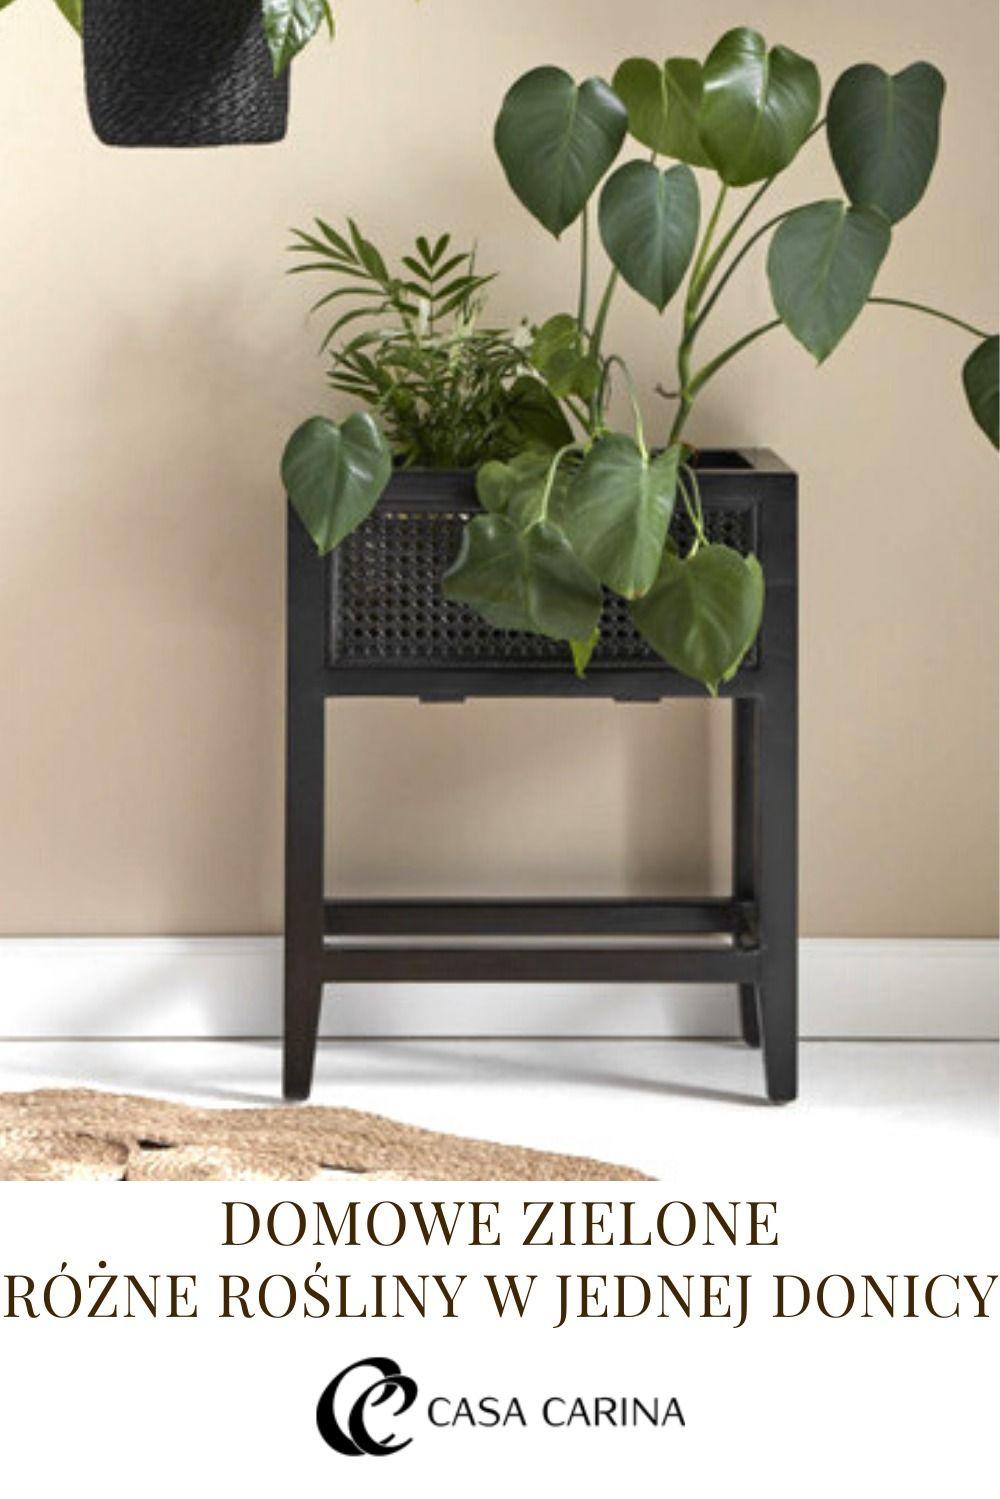 Rozne Rosliny W Jednej Donicy Decor Home Decor Furniture